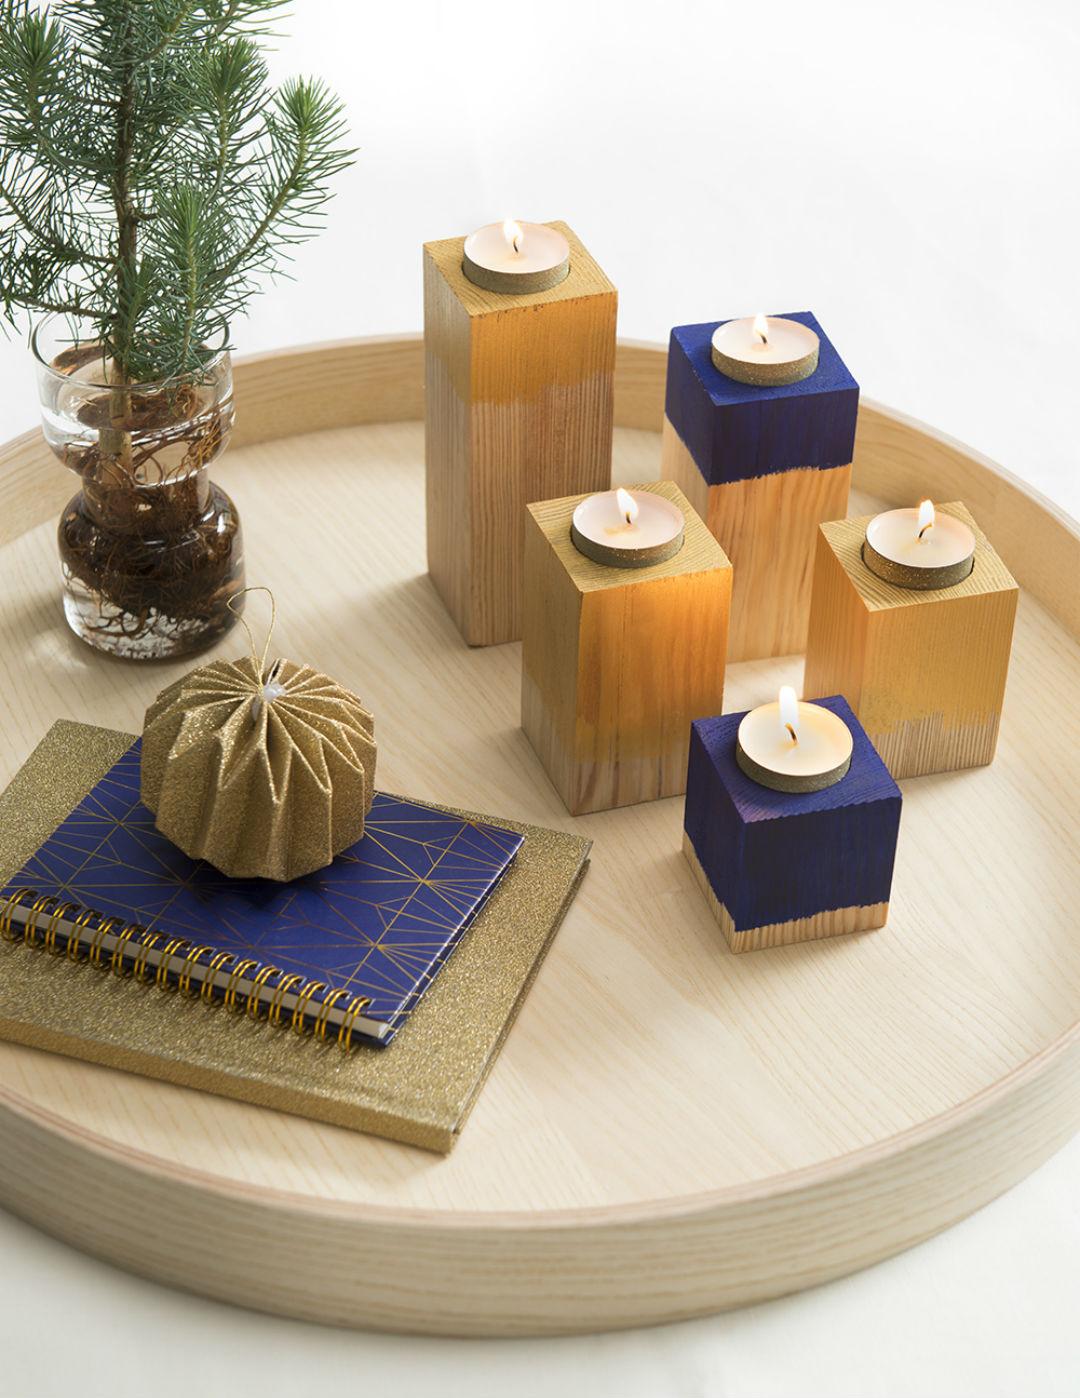 DIY kandelaars voor waxinelichtjes in hout - Villa Apppelzee